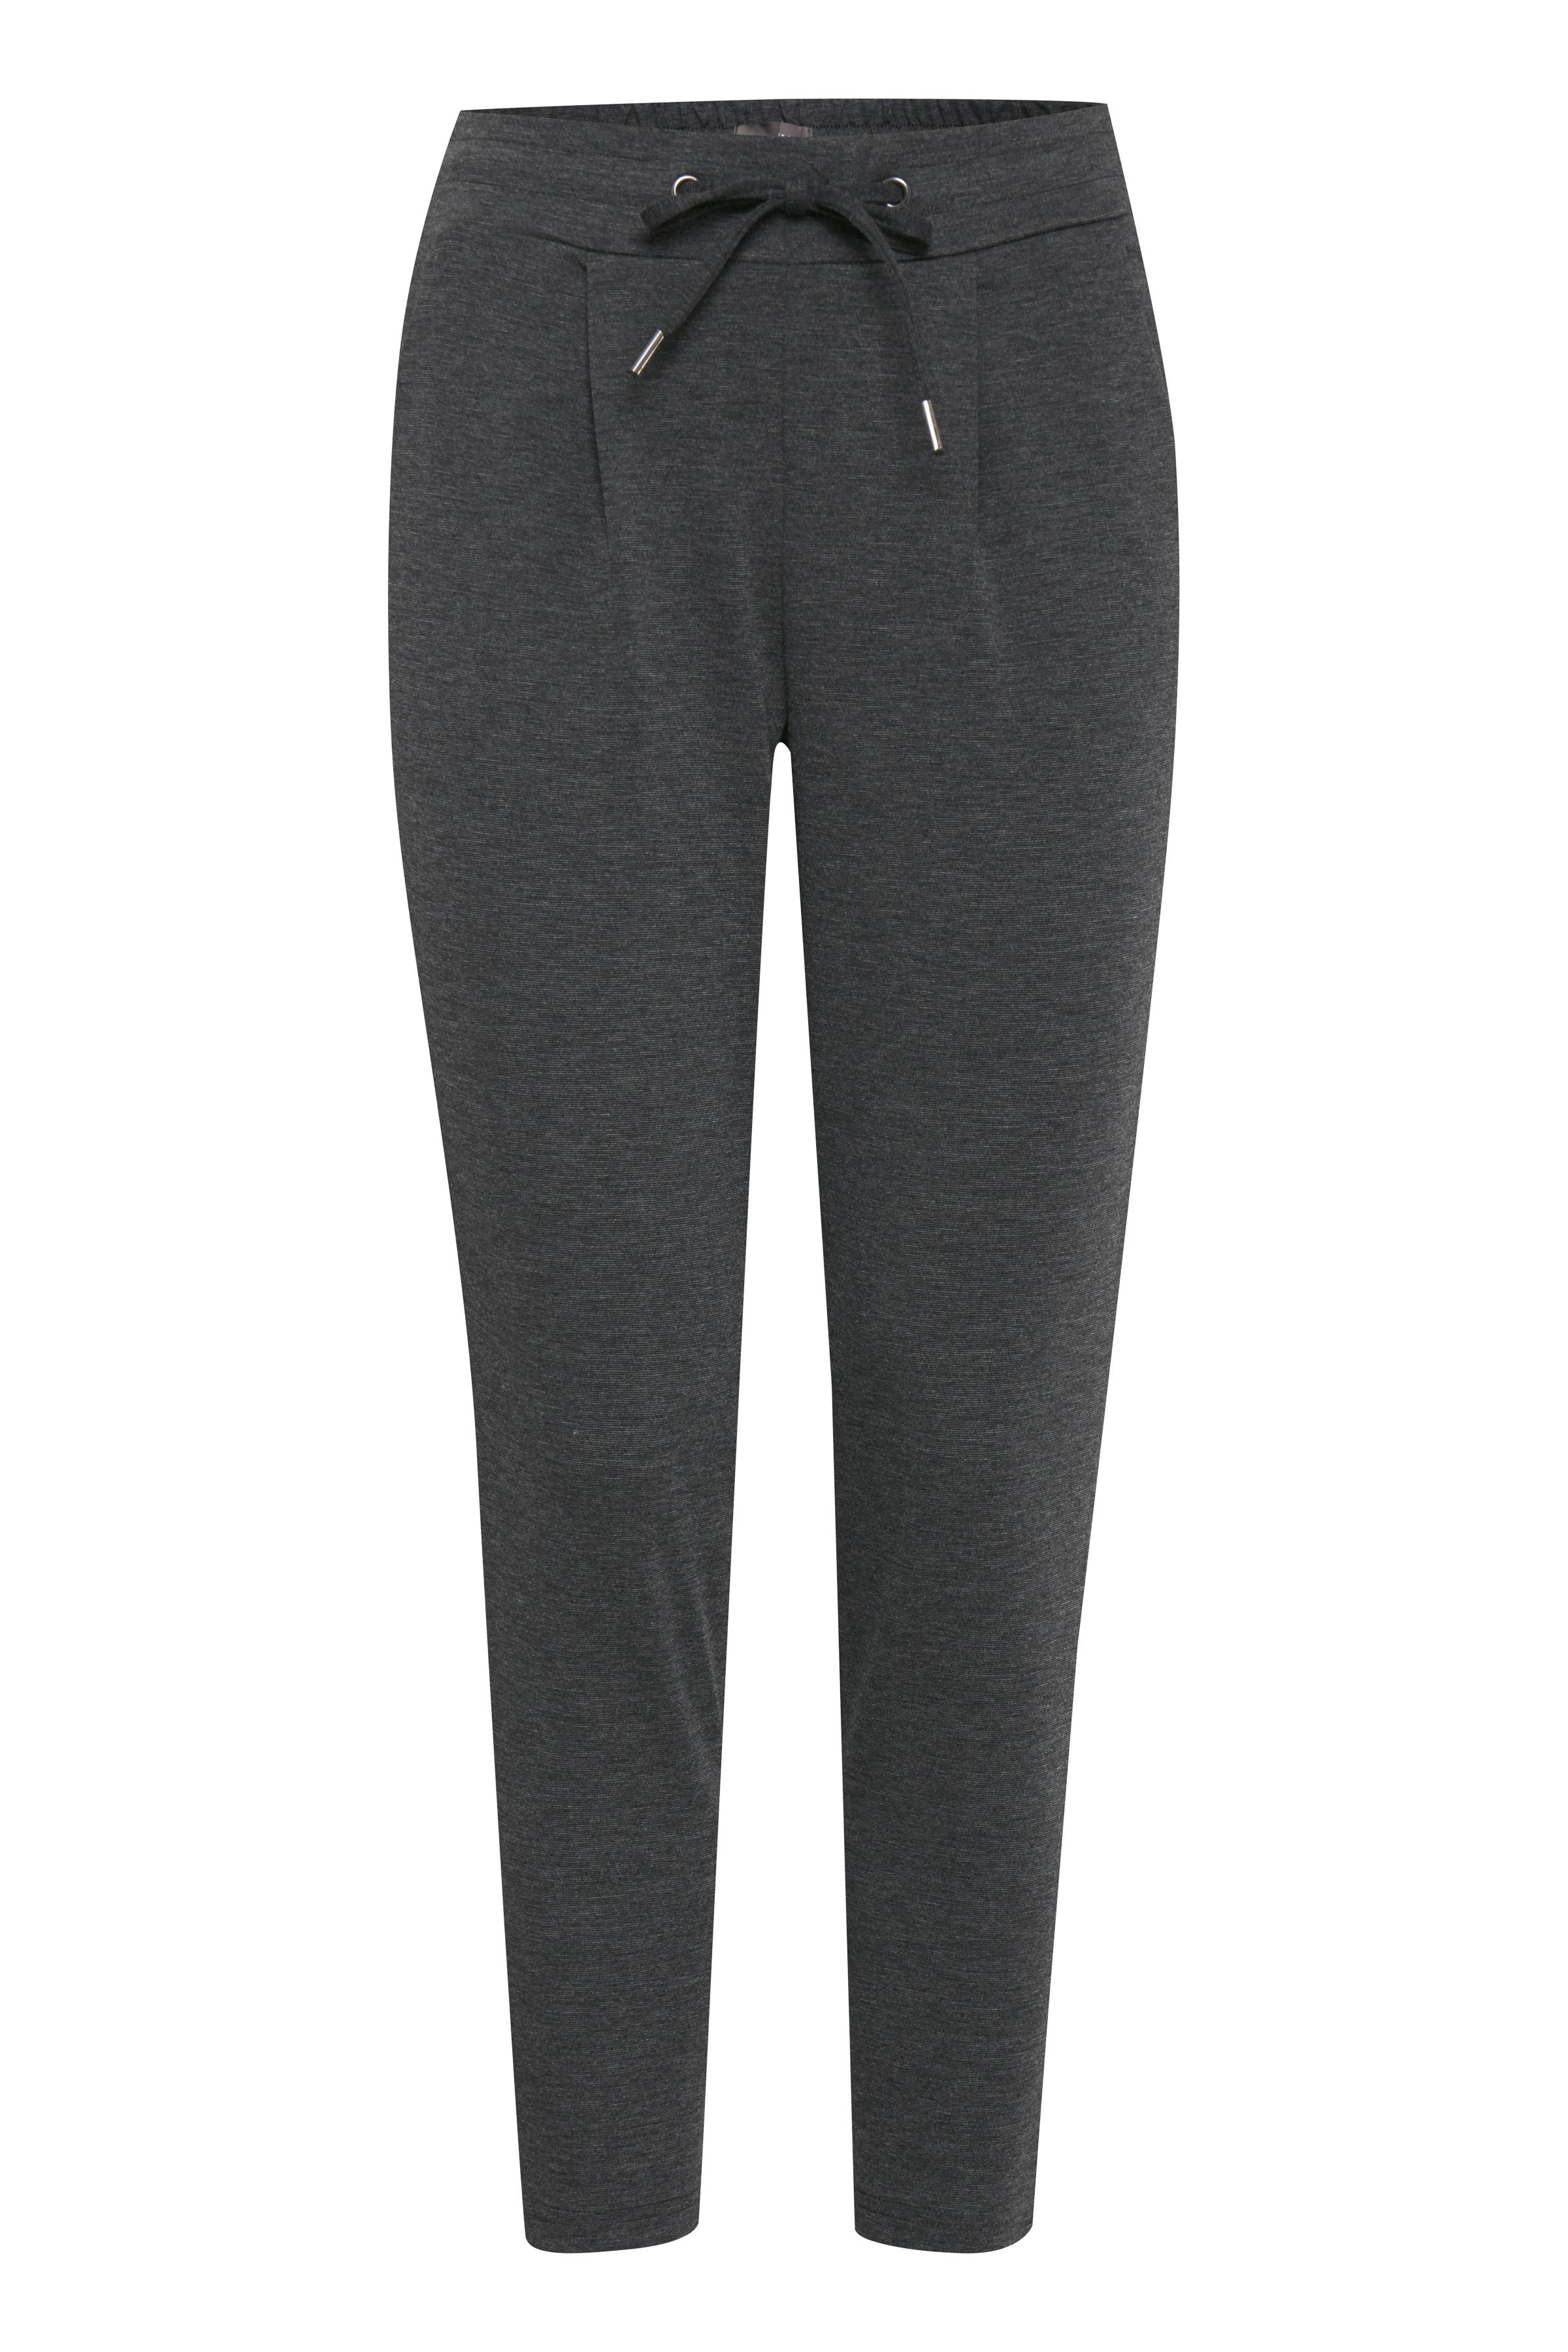 Dark Grey Melange Bukser i blød jersey - cropped længde – Køb Dark Grey Melange Bukser i blød jersey - cropped længde fra str. XS-XXL her